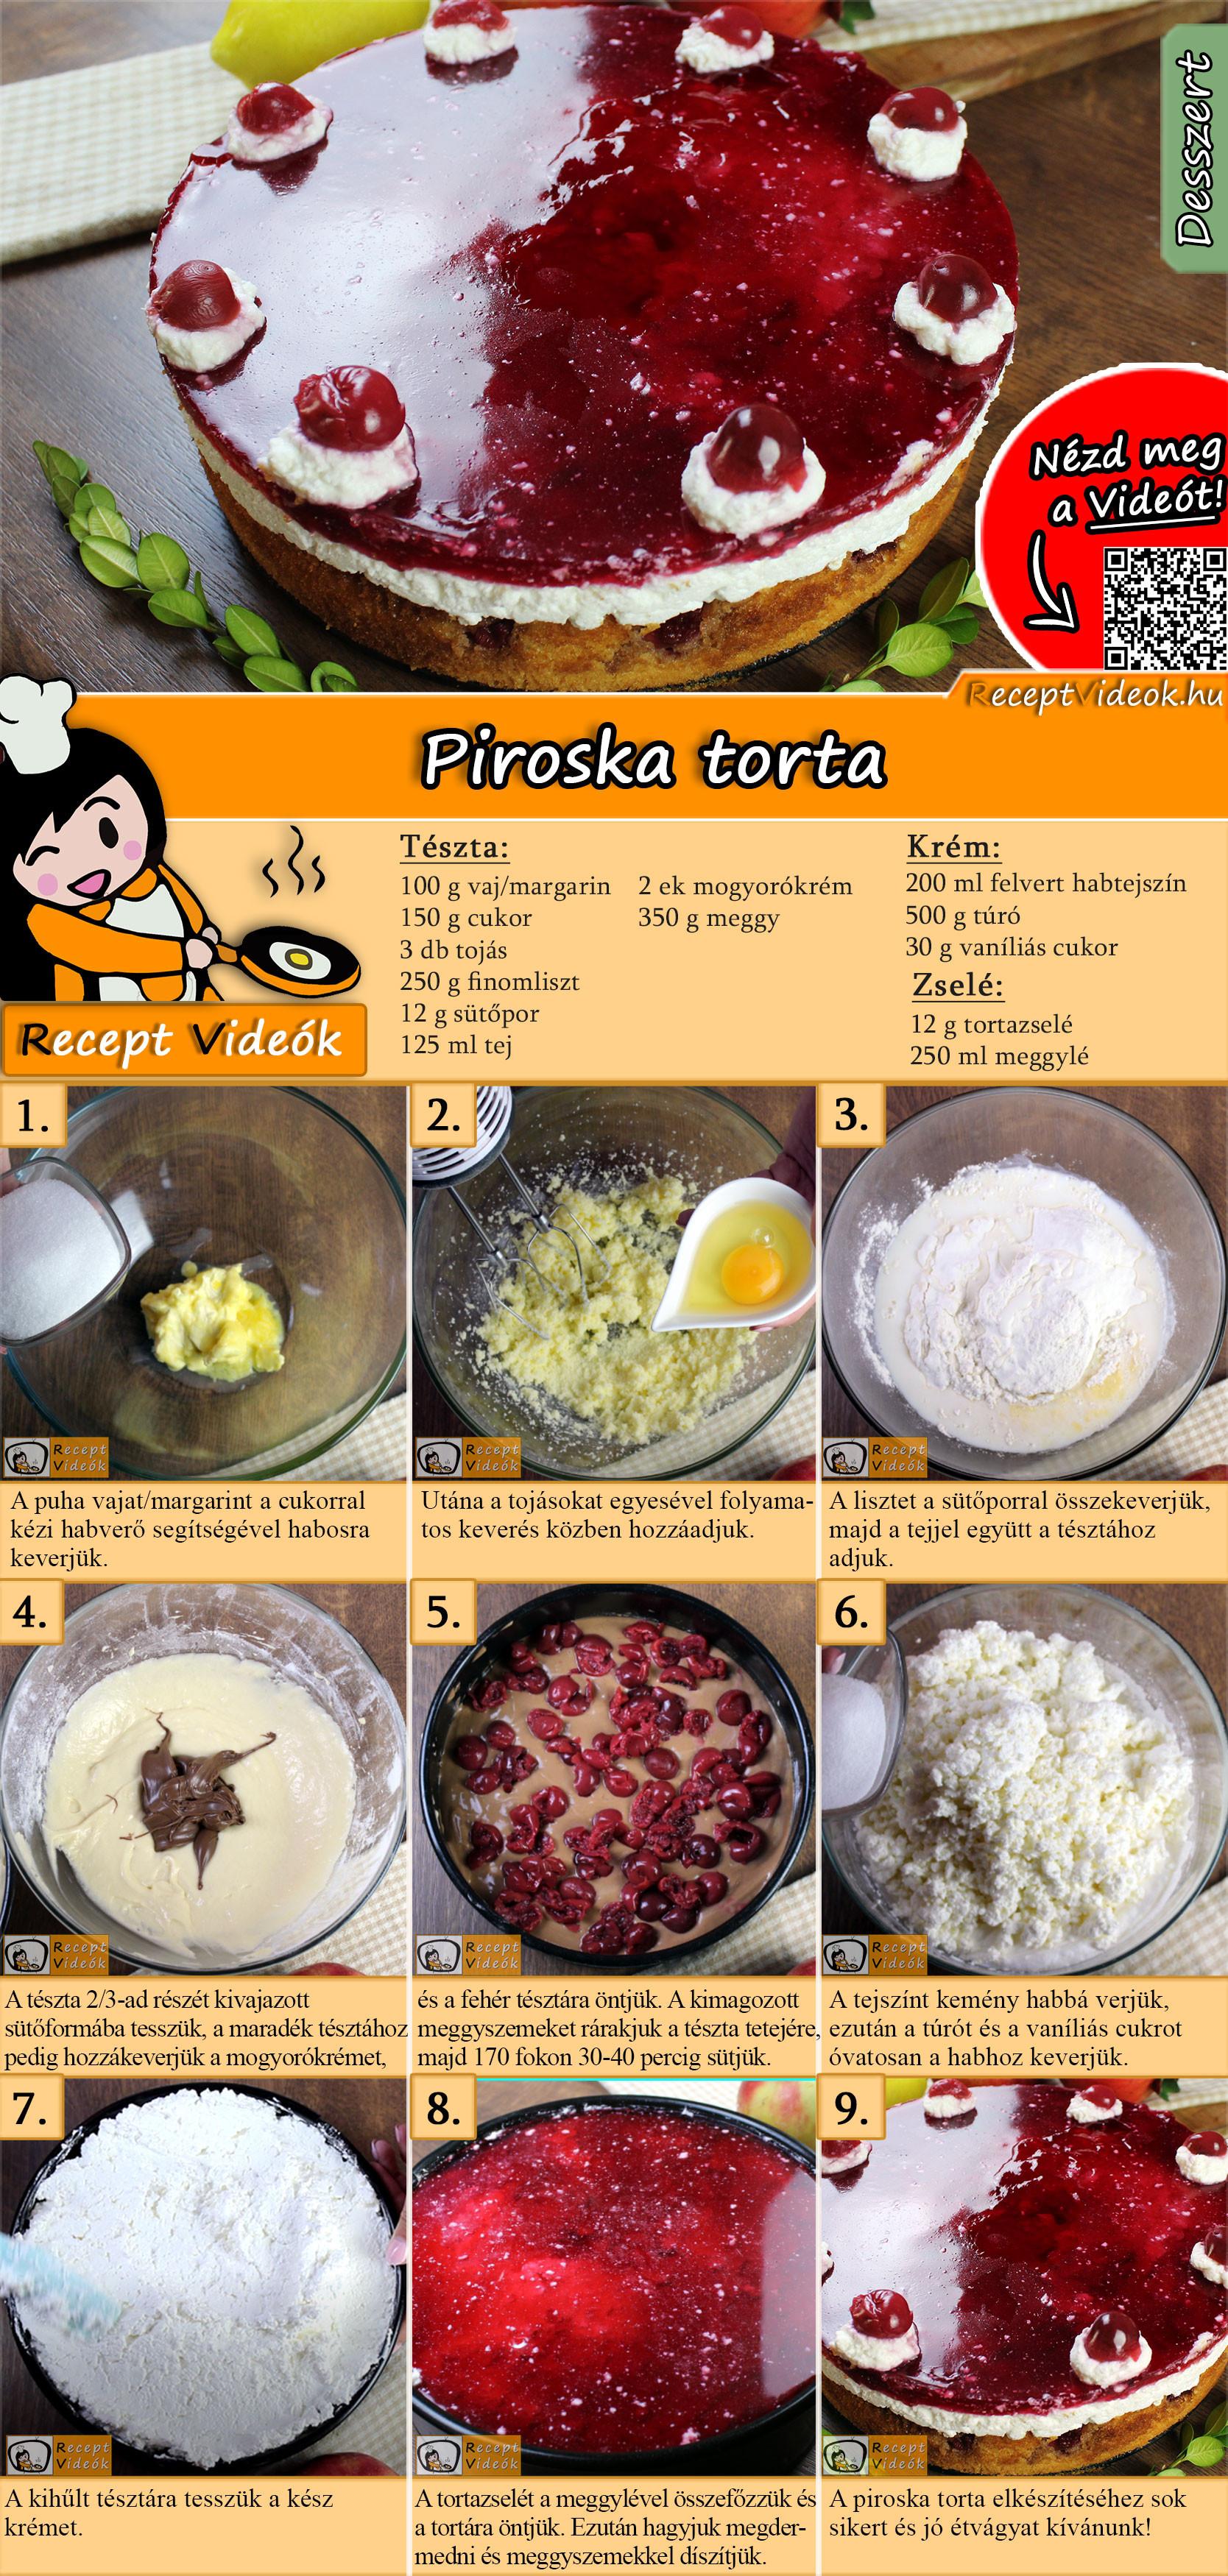 Piroska torta recept elkészítése videóval